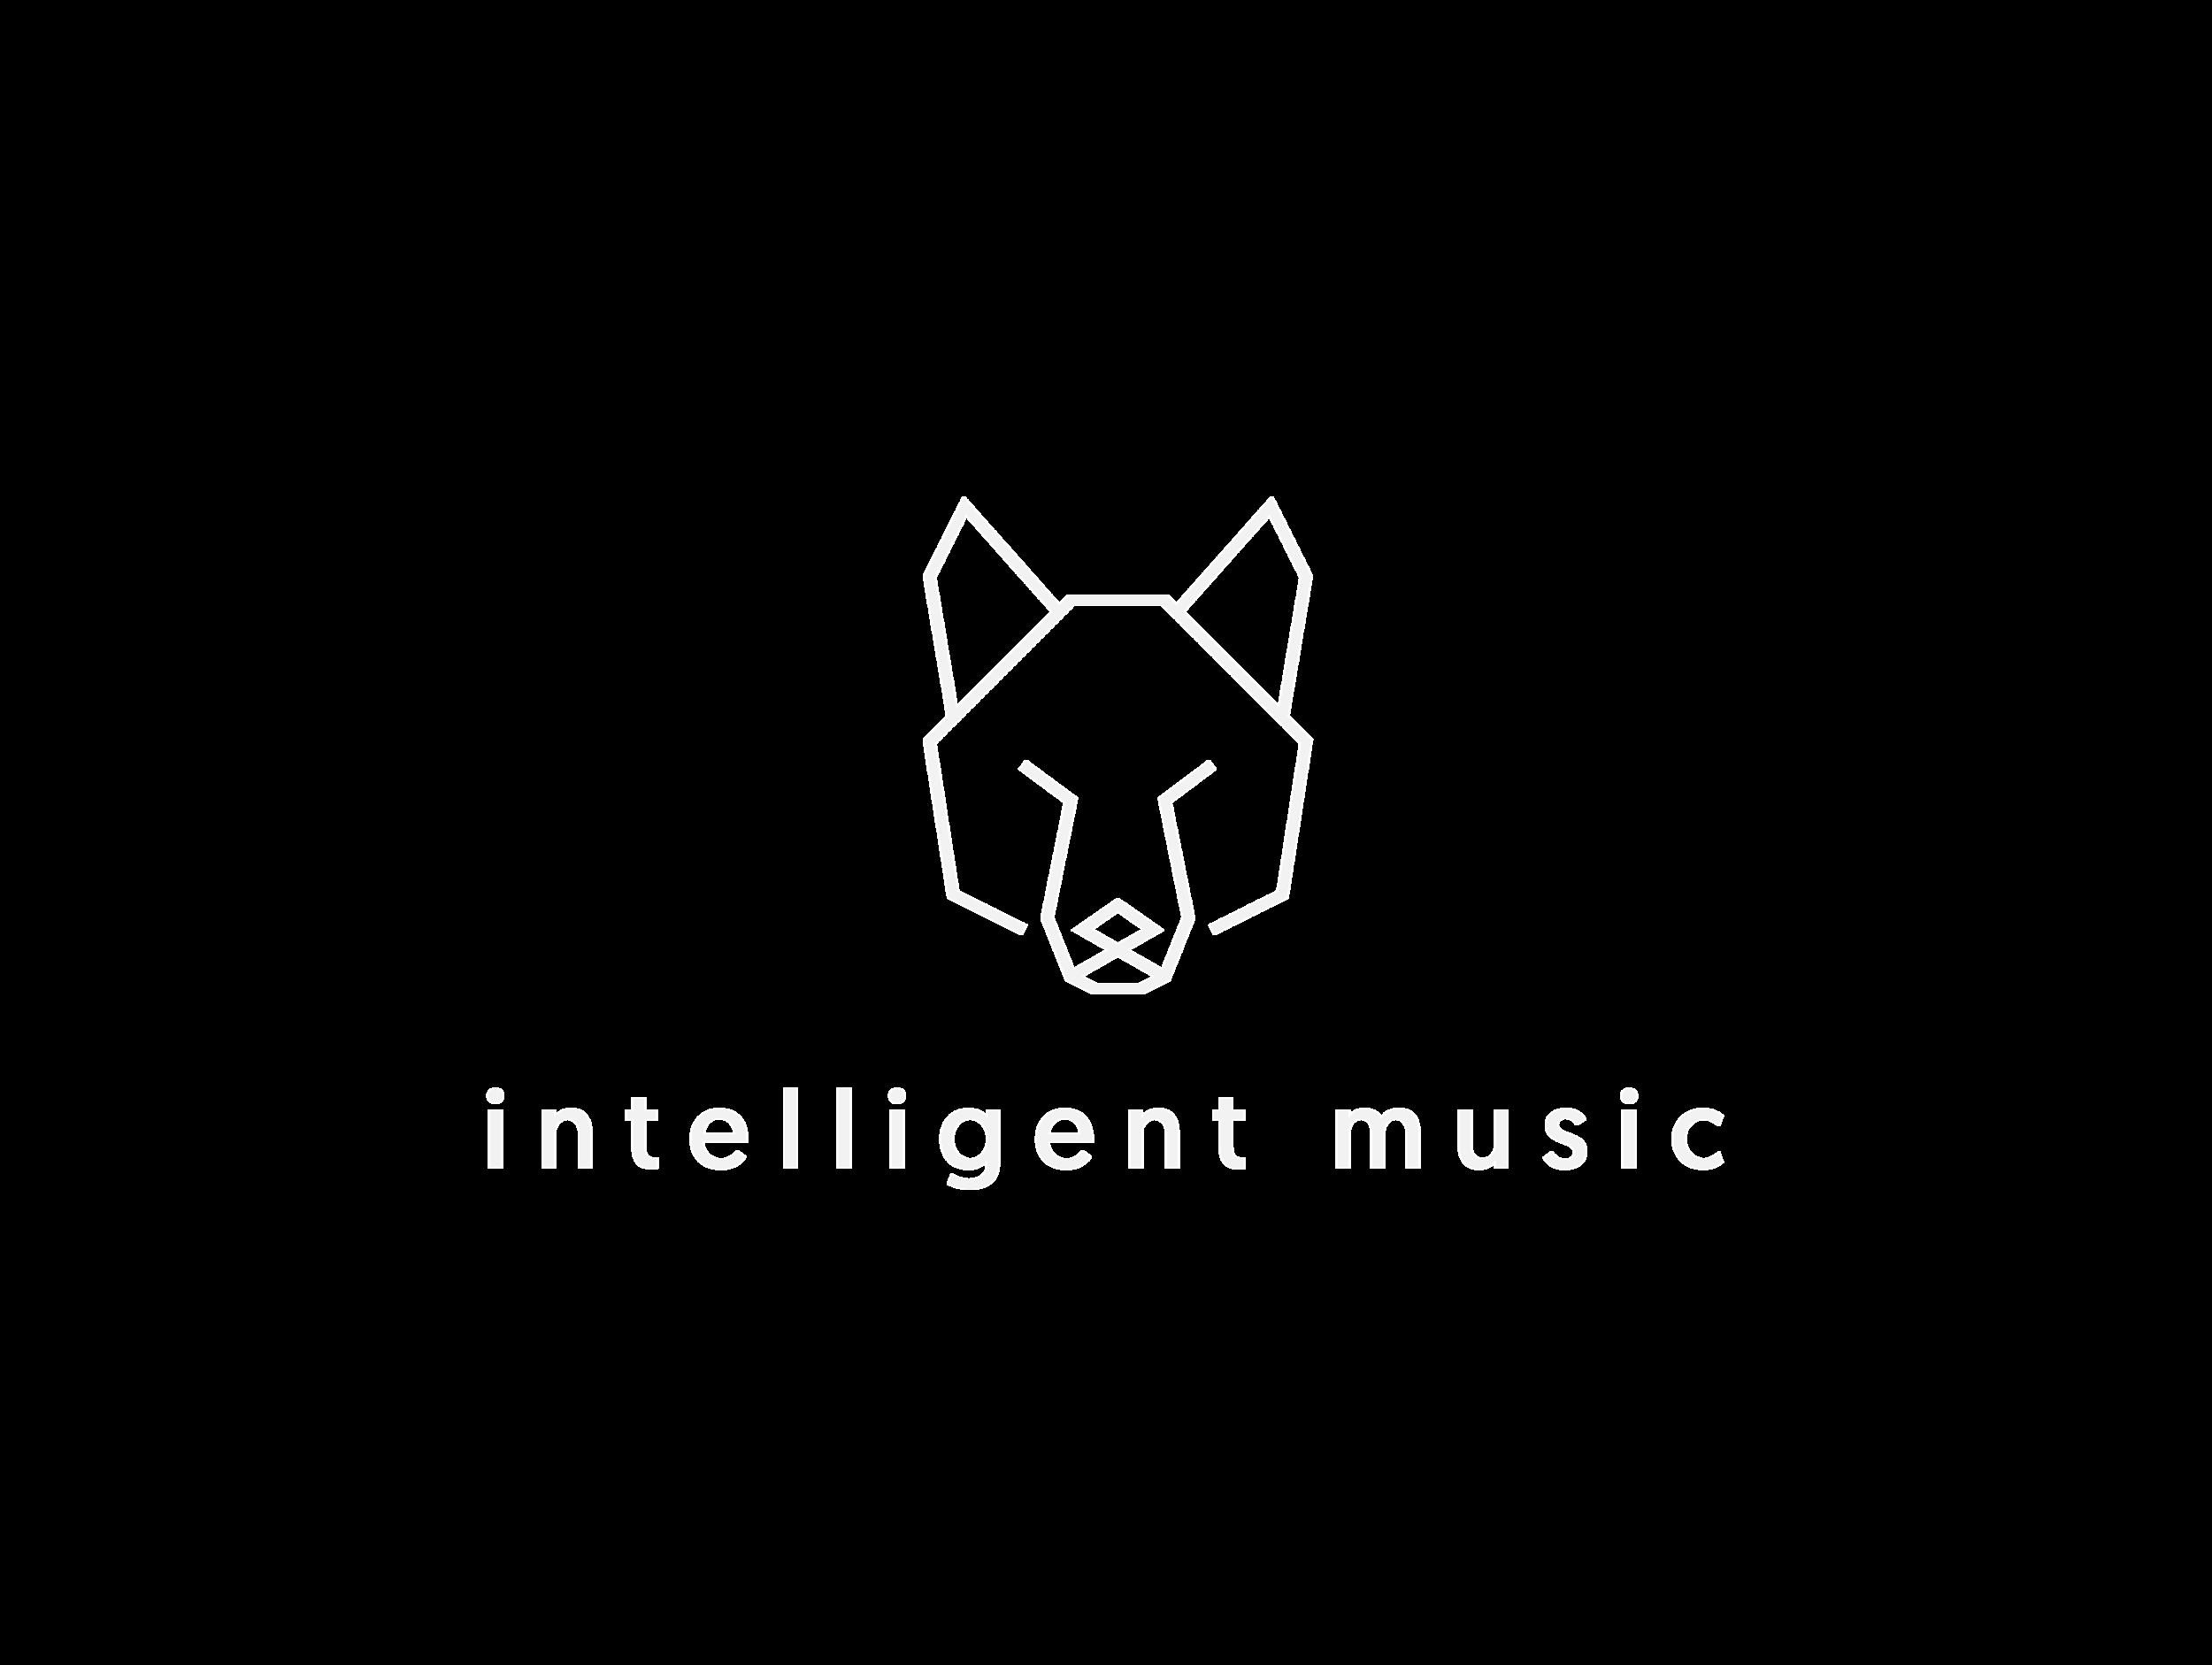 Logotypes - .PNG FILES